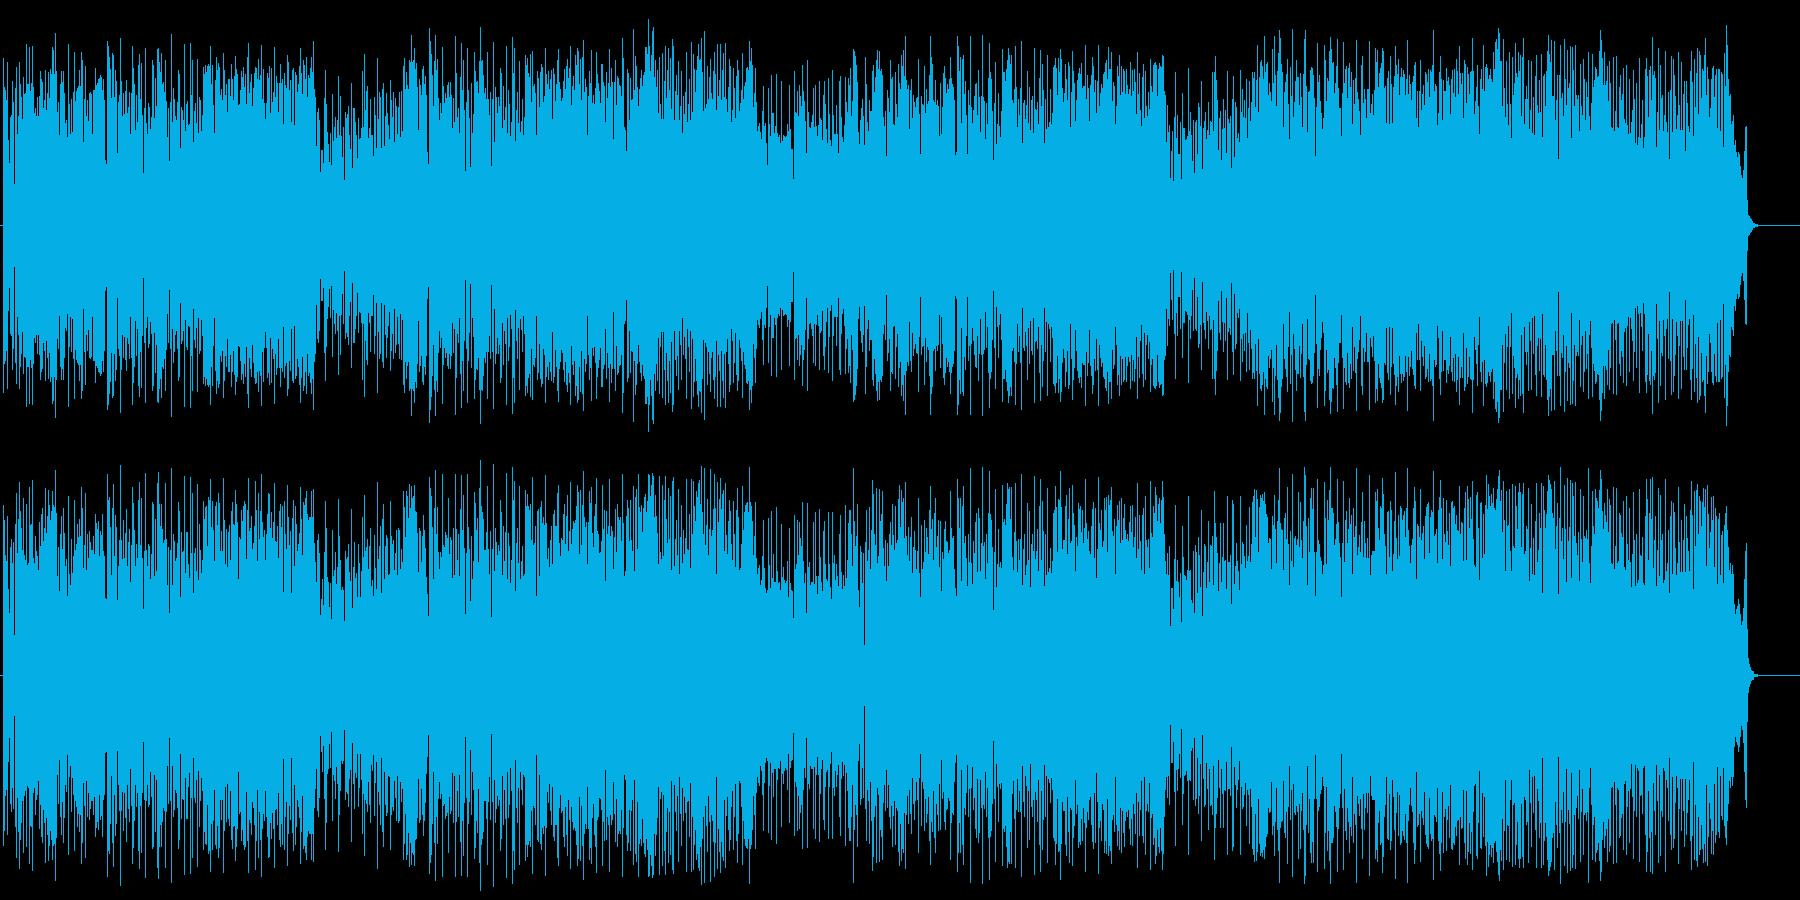 ハデなテクノ/ポップの再生済みの波形